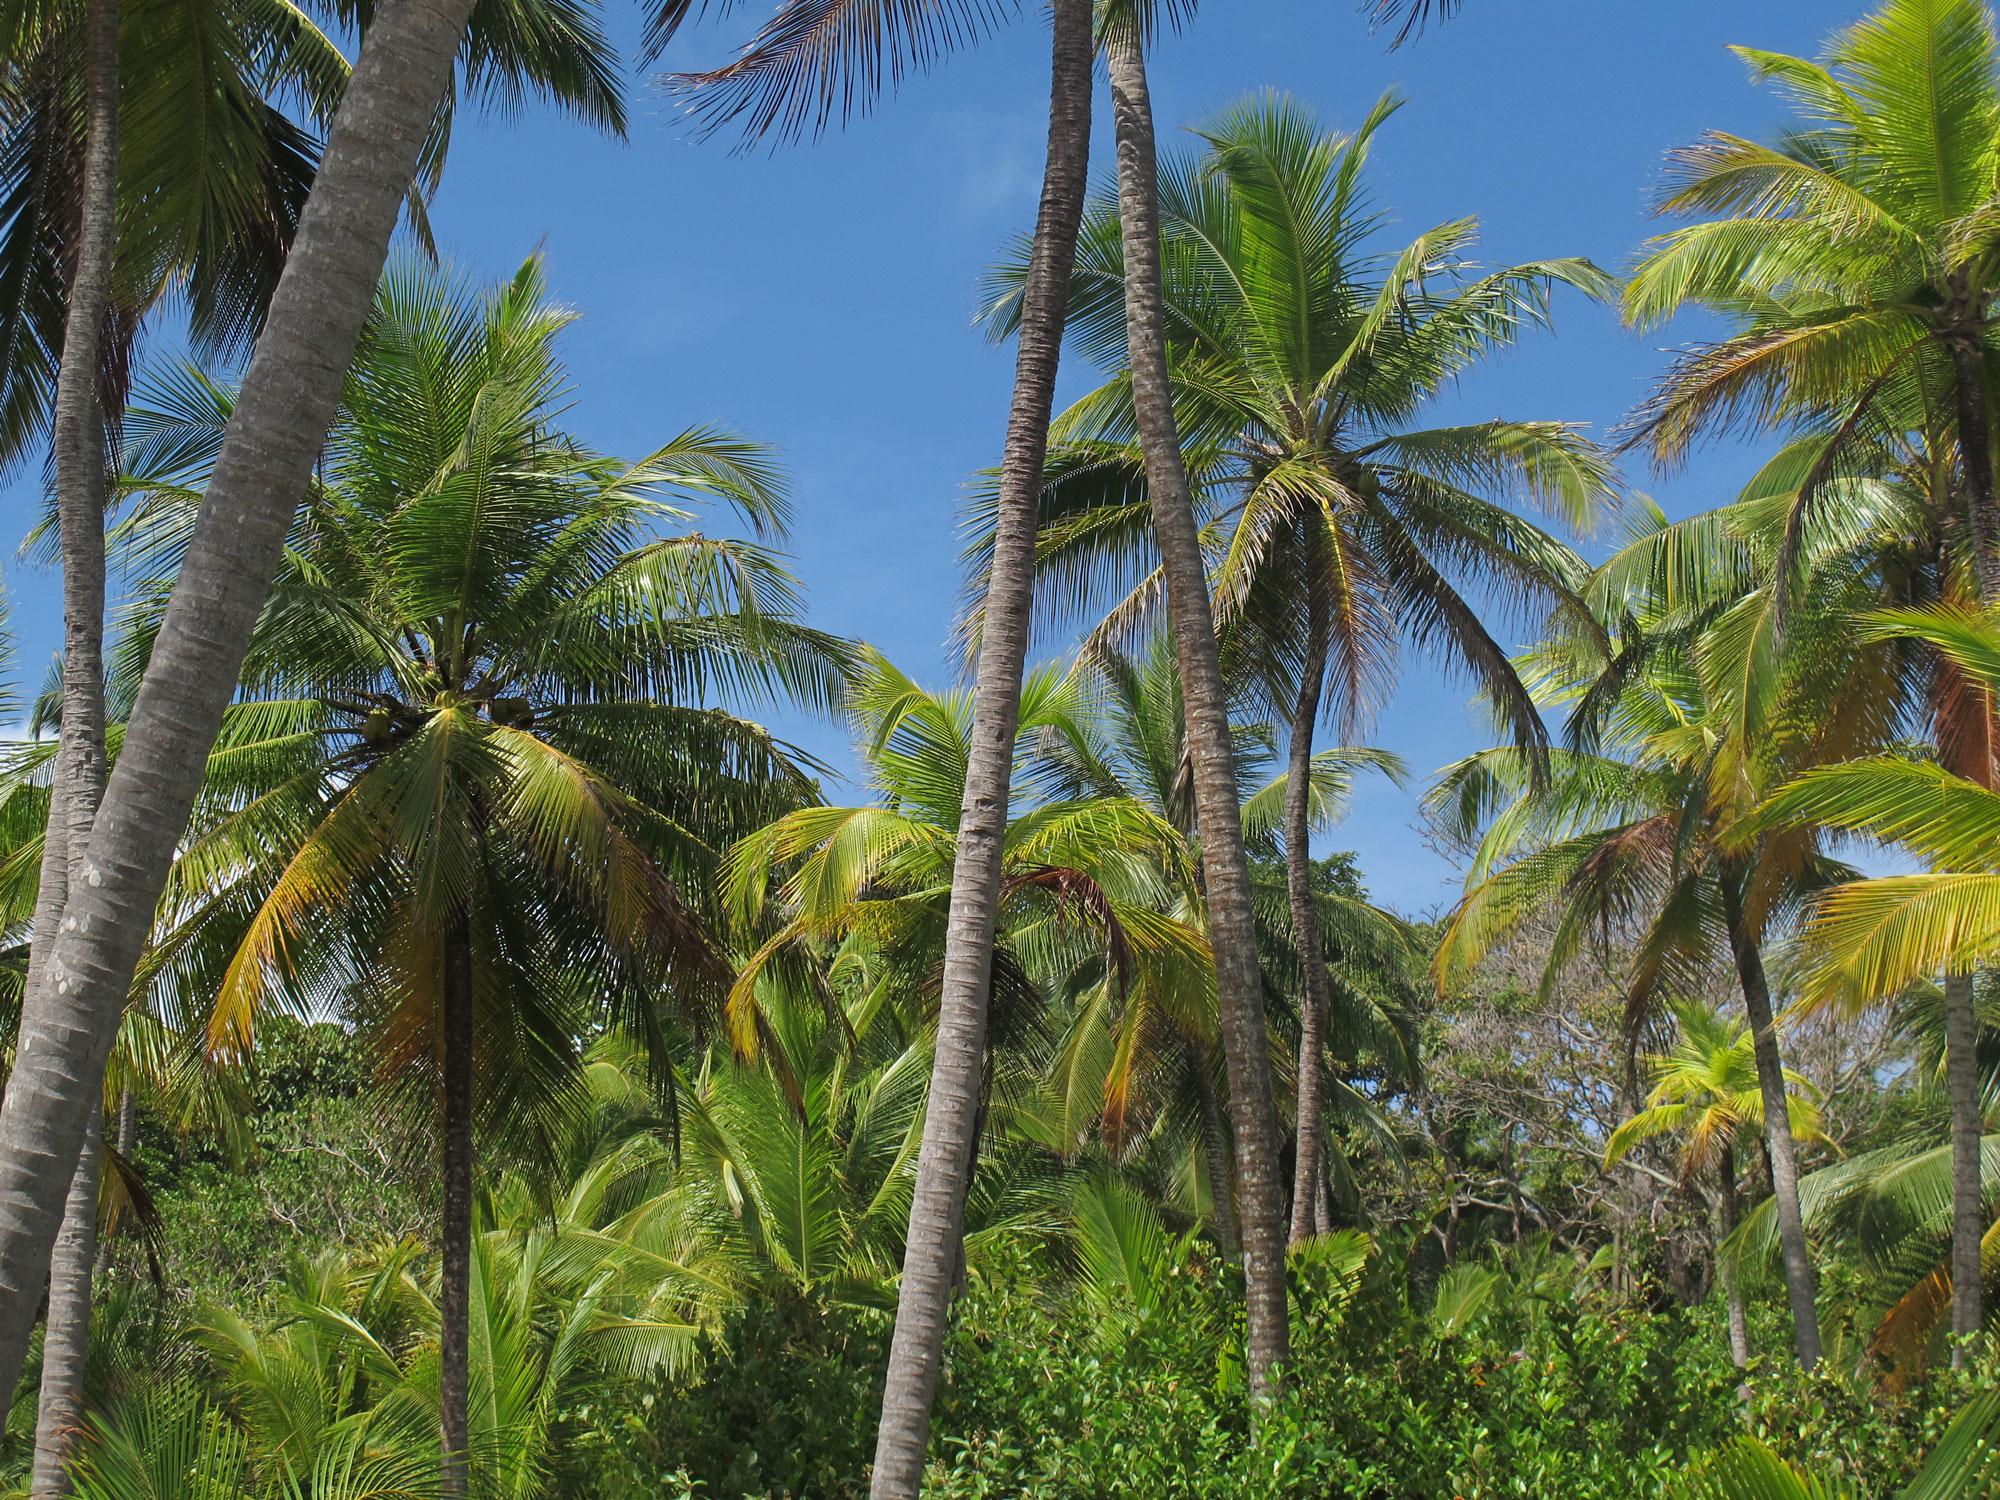 Palmas de las Islas Caribeñas